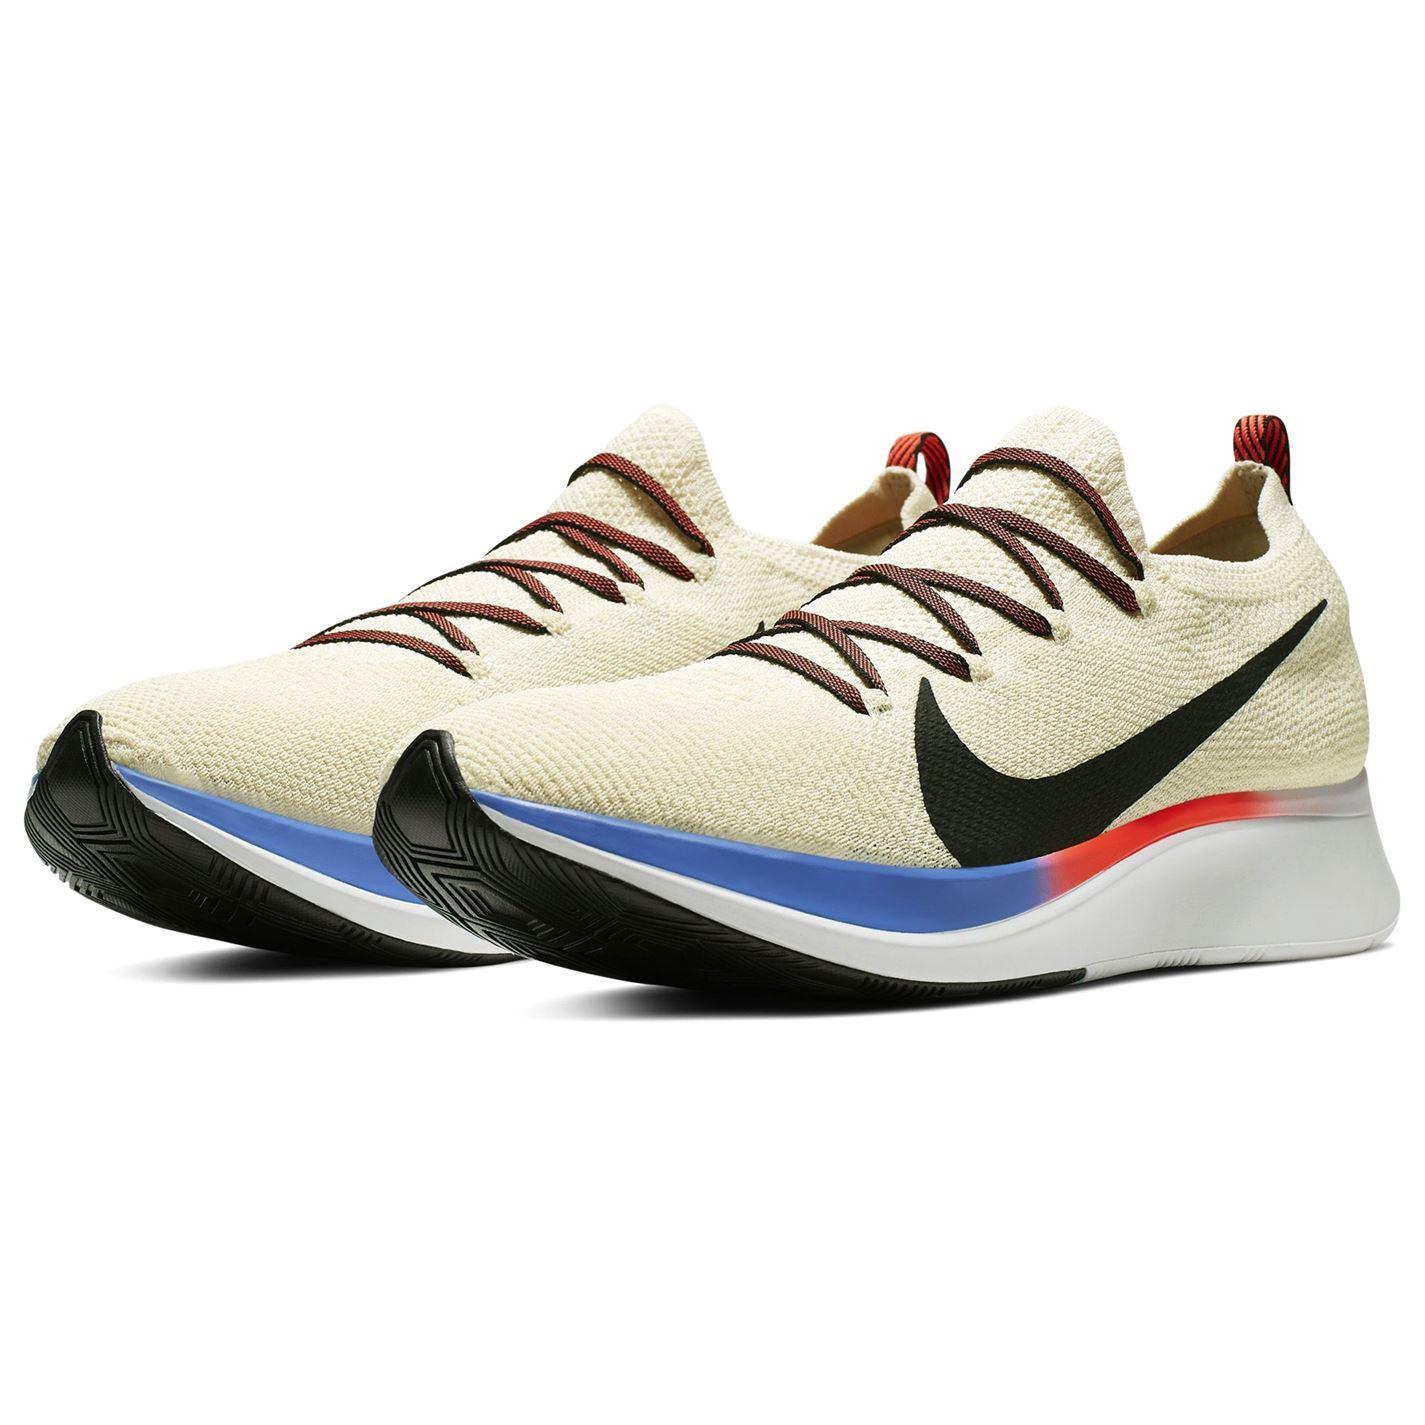 Detalles de Nike Zoom Fly Flyknit Zapatillas Running Hombre Zapatillas Calzado Zapatillas